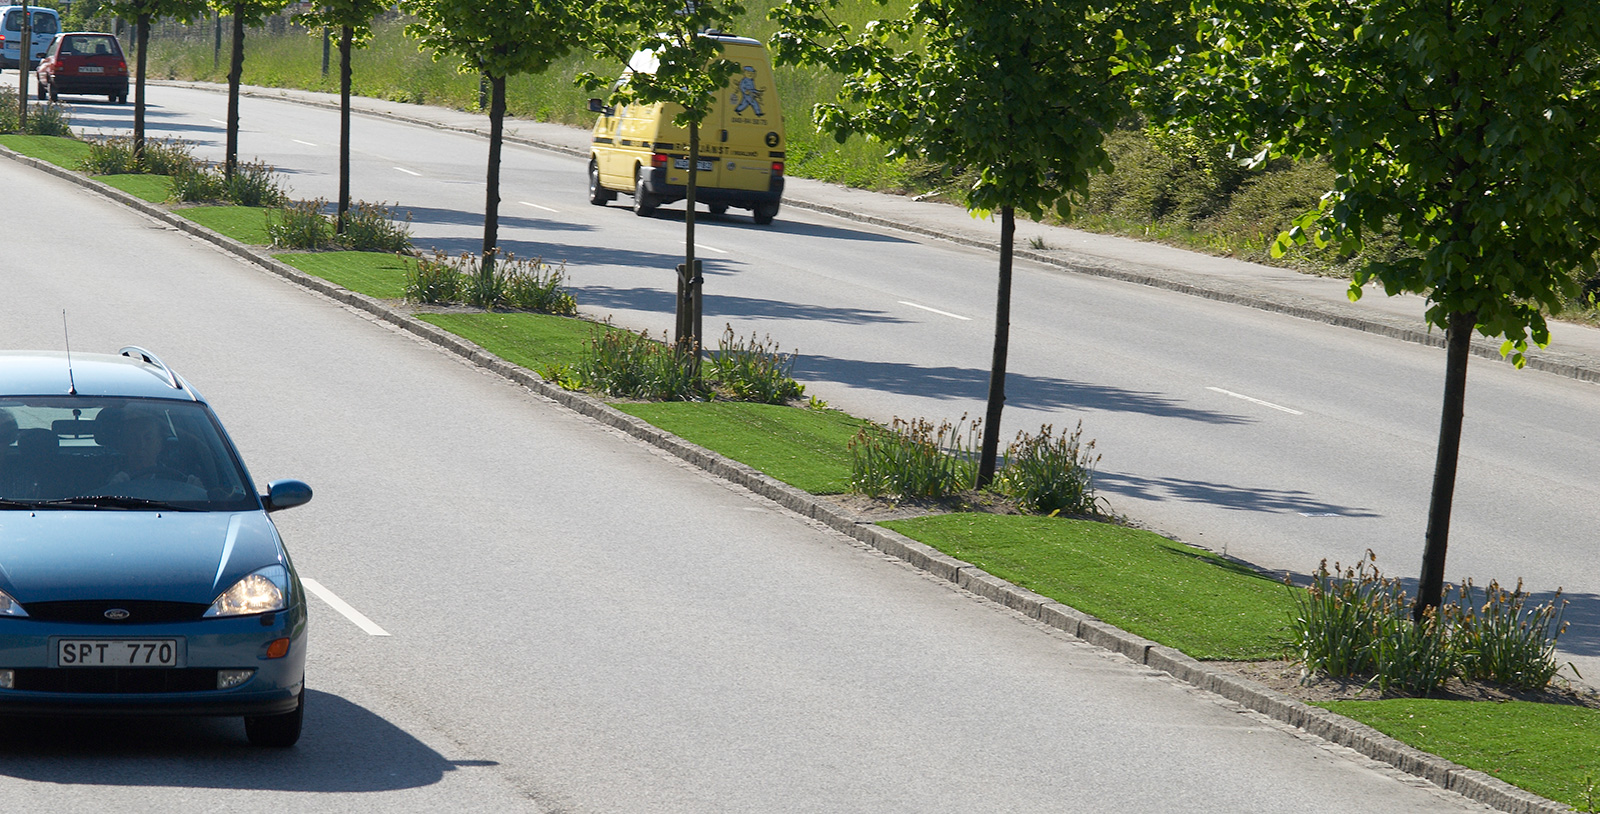 kunstgress trafikkmiljø rundkjøring oppholdssted midtrabatt unisport